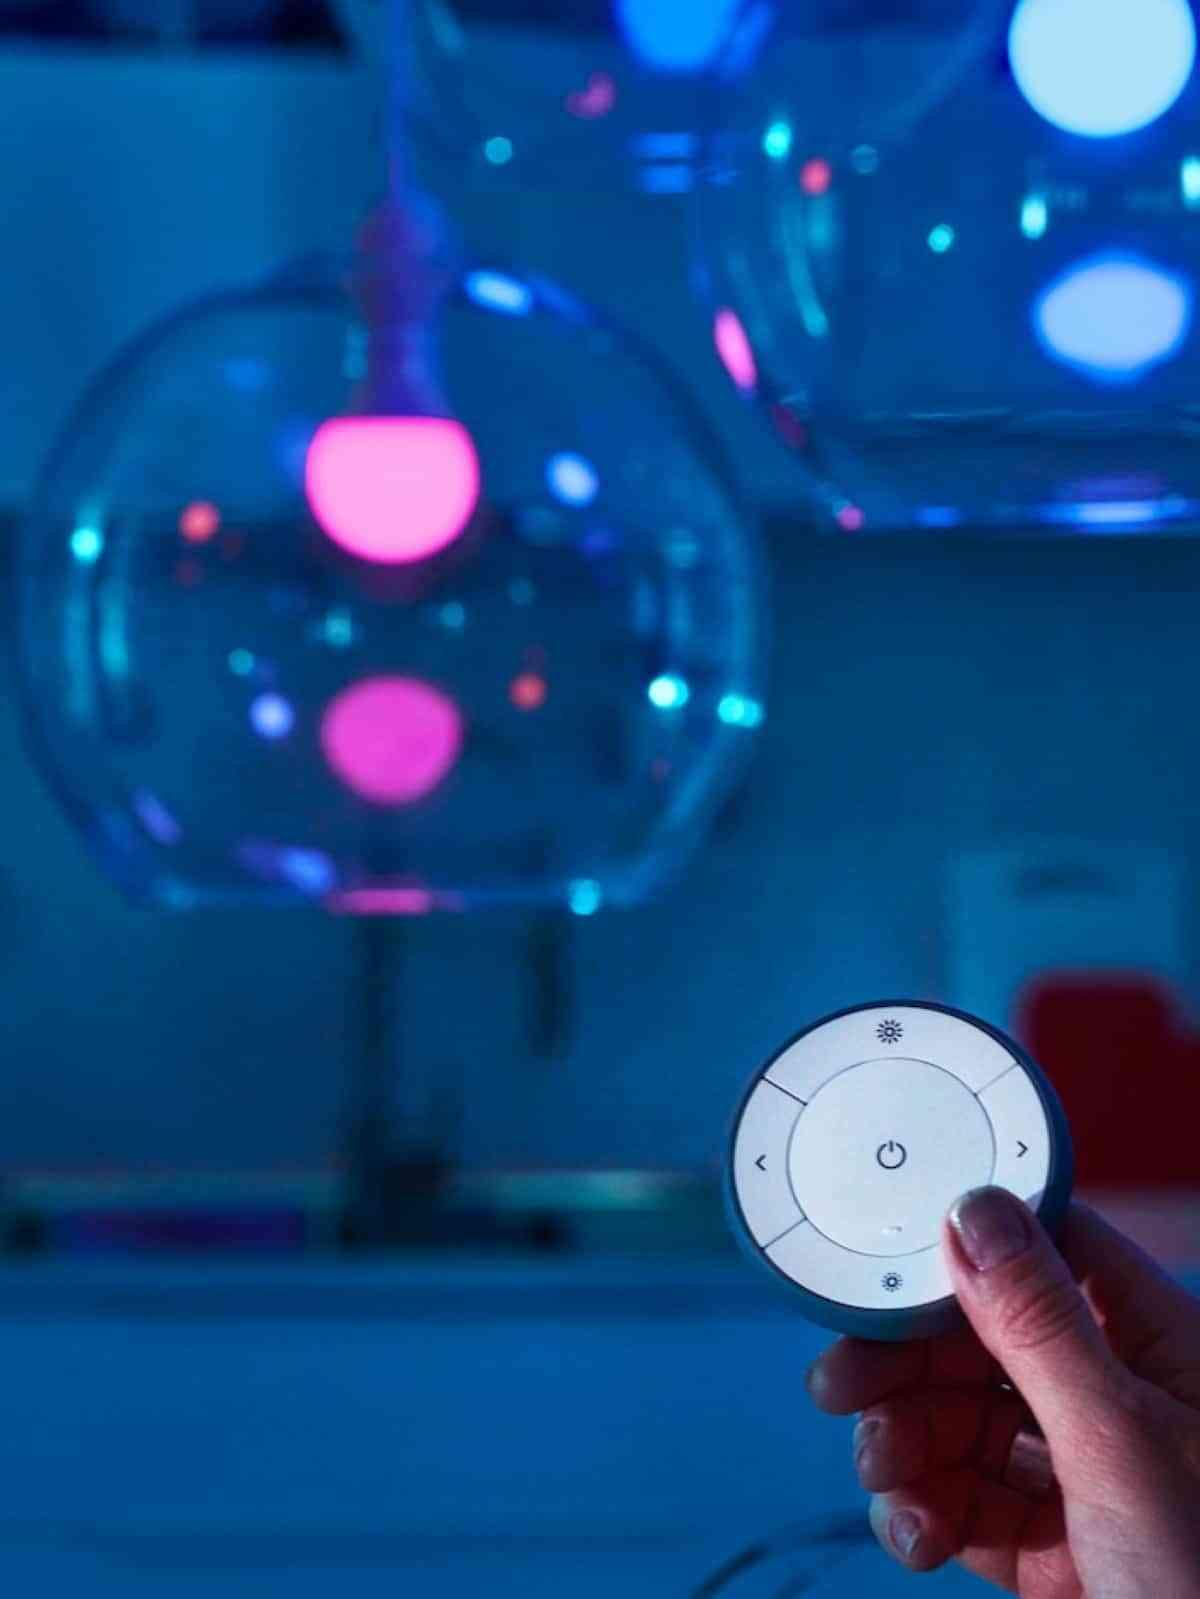 ikea home smart iluminacion